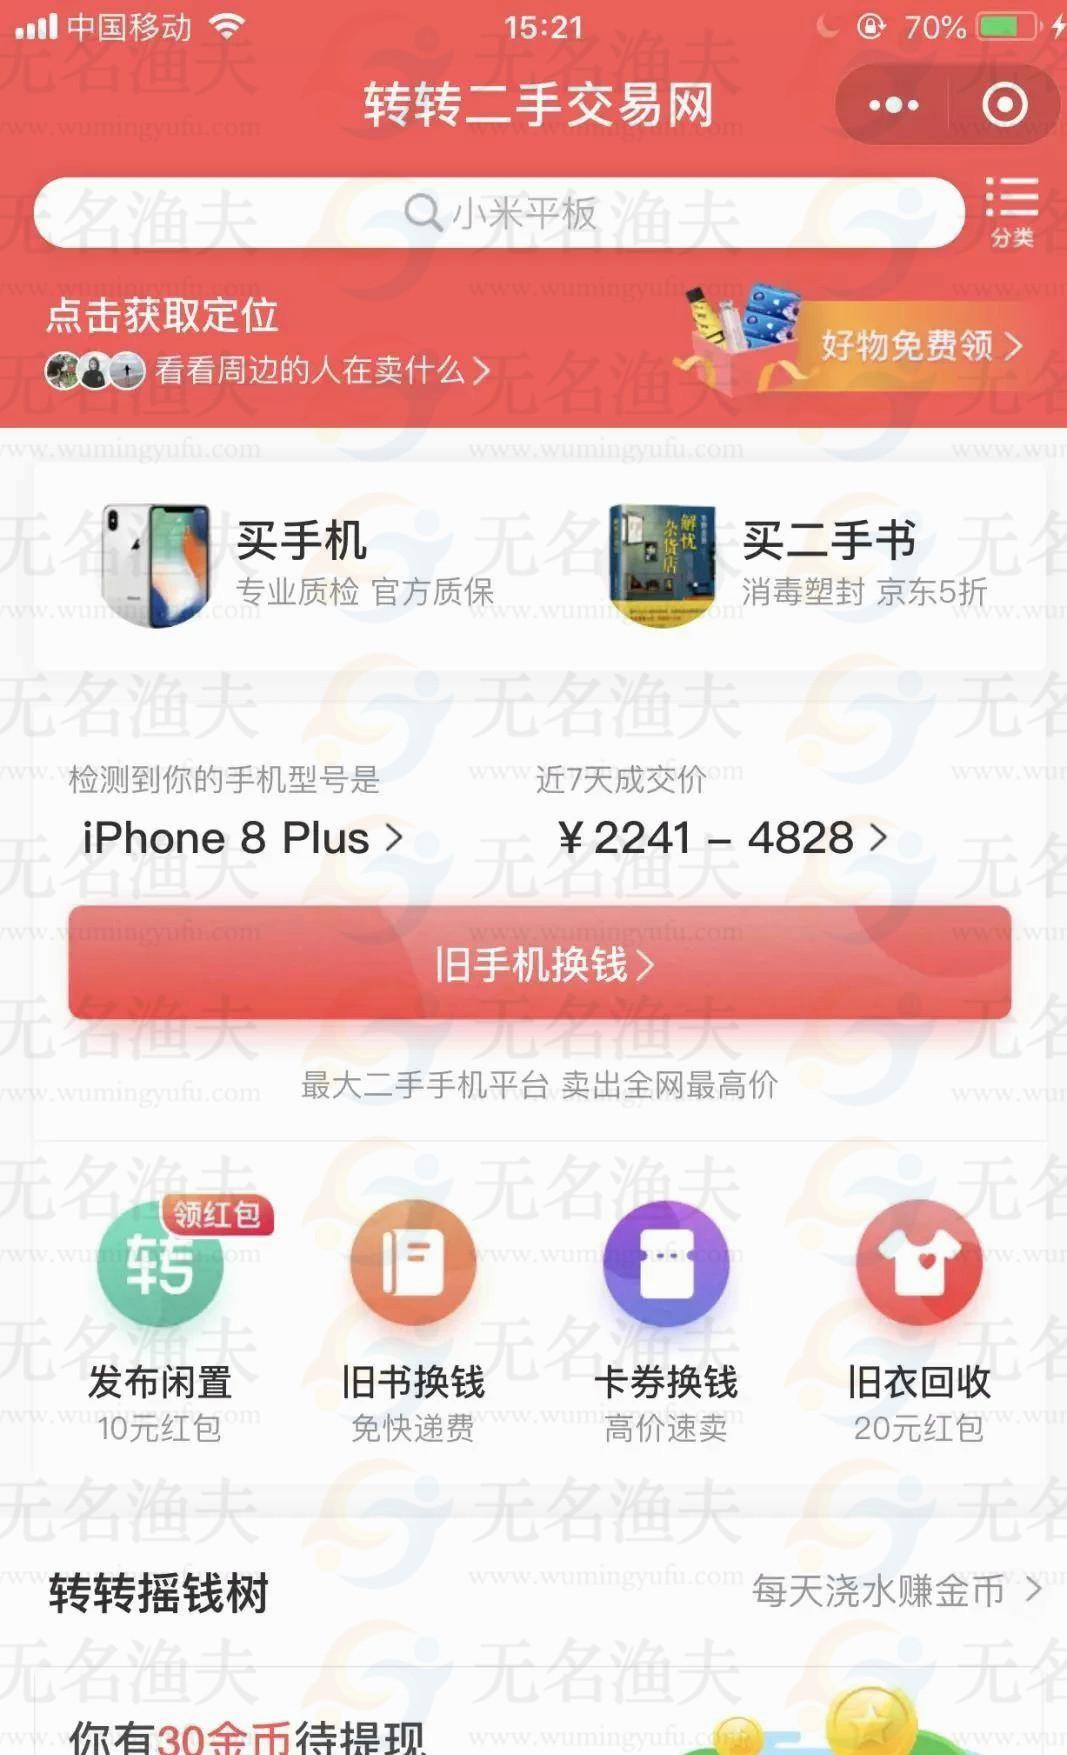 月入1500+新手转转单账号zhuan钱项目,多劳多得 !  我们 平台 转转 就是 商品 经验分享 免费赚钱项目 暴利行业 网赚资讯 经验交流 网赚经验 网赚资源 坚持 第4张